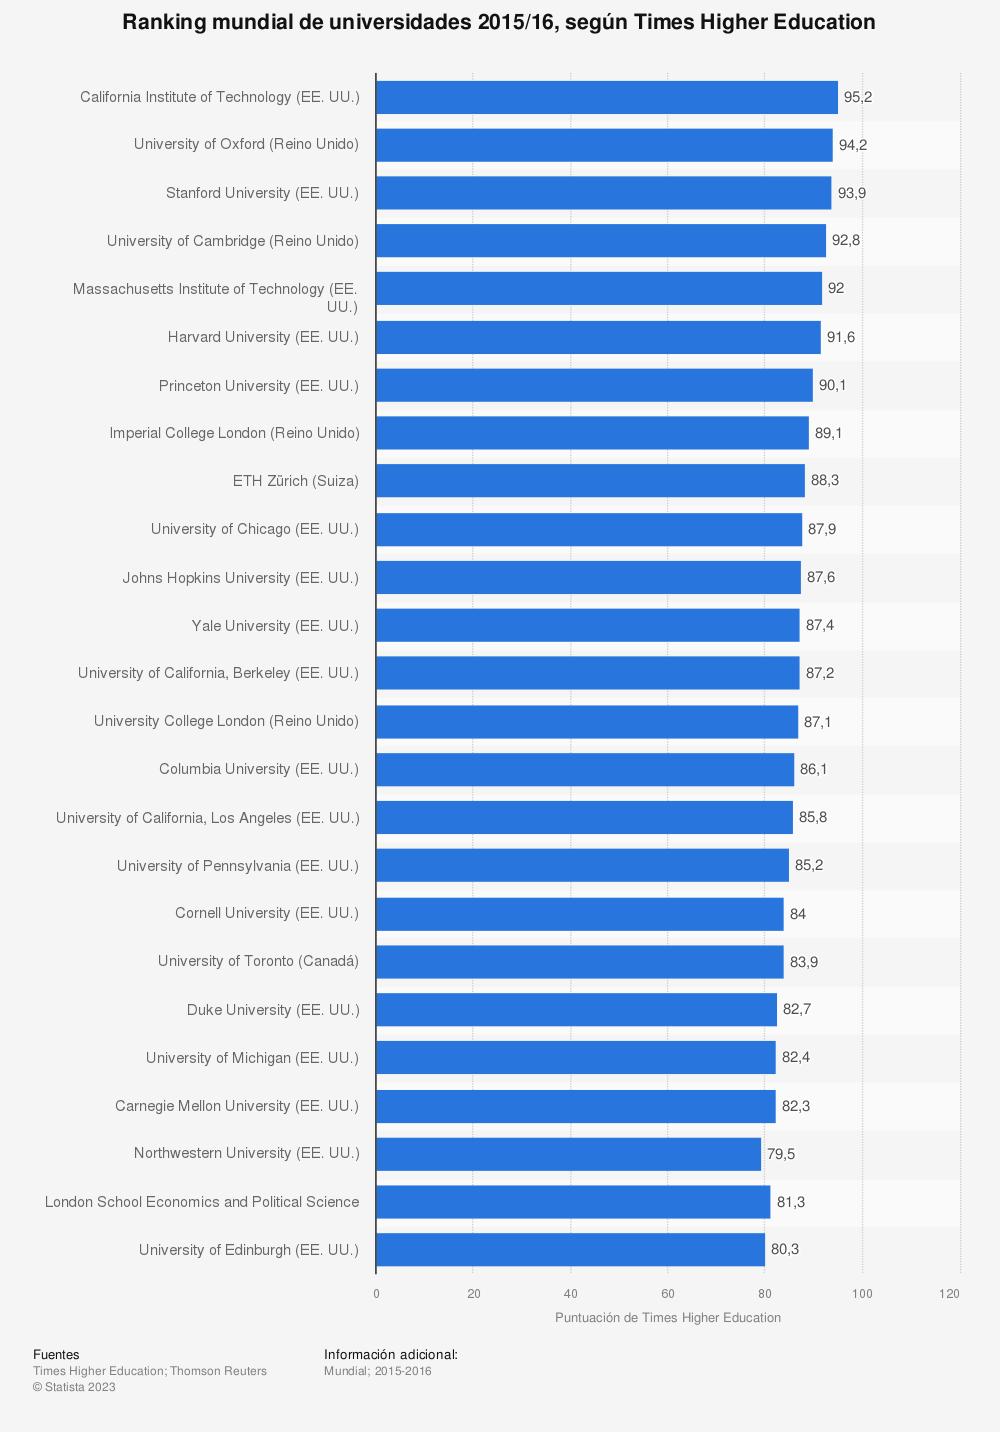 Estadística: Ranking mundial de universidades 2015/16, según Times Higher Education | Statista